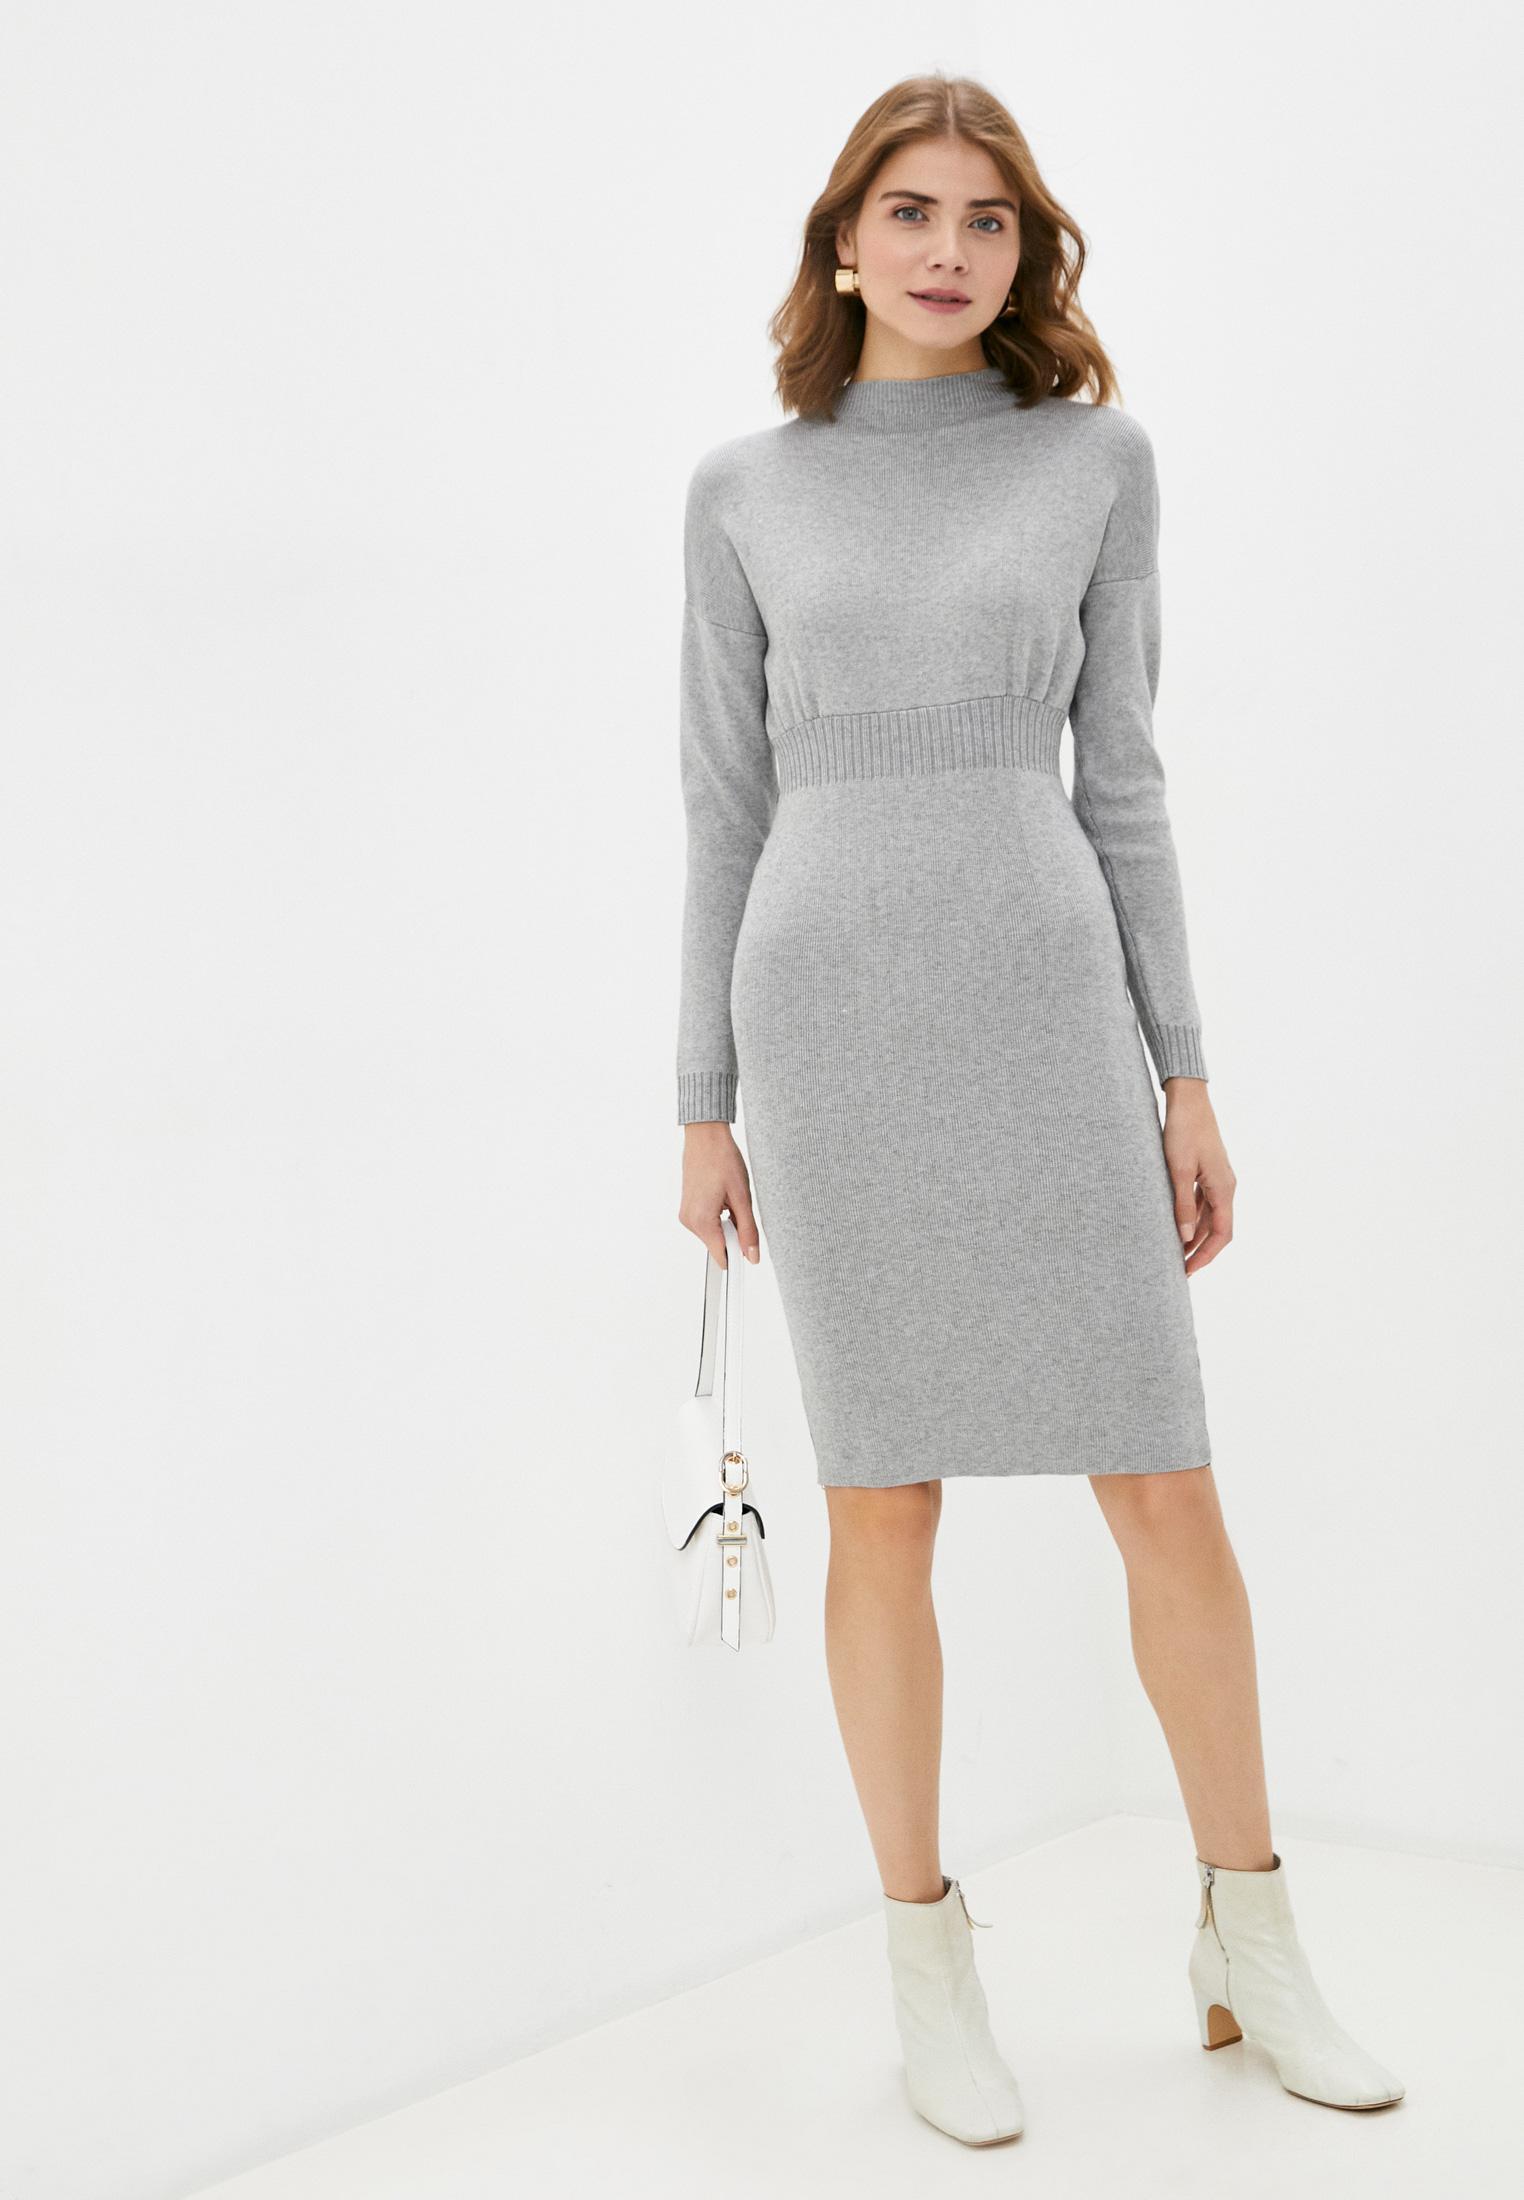 Вязаное платье Bigtora Платье Bigtora